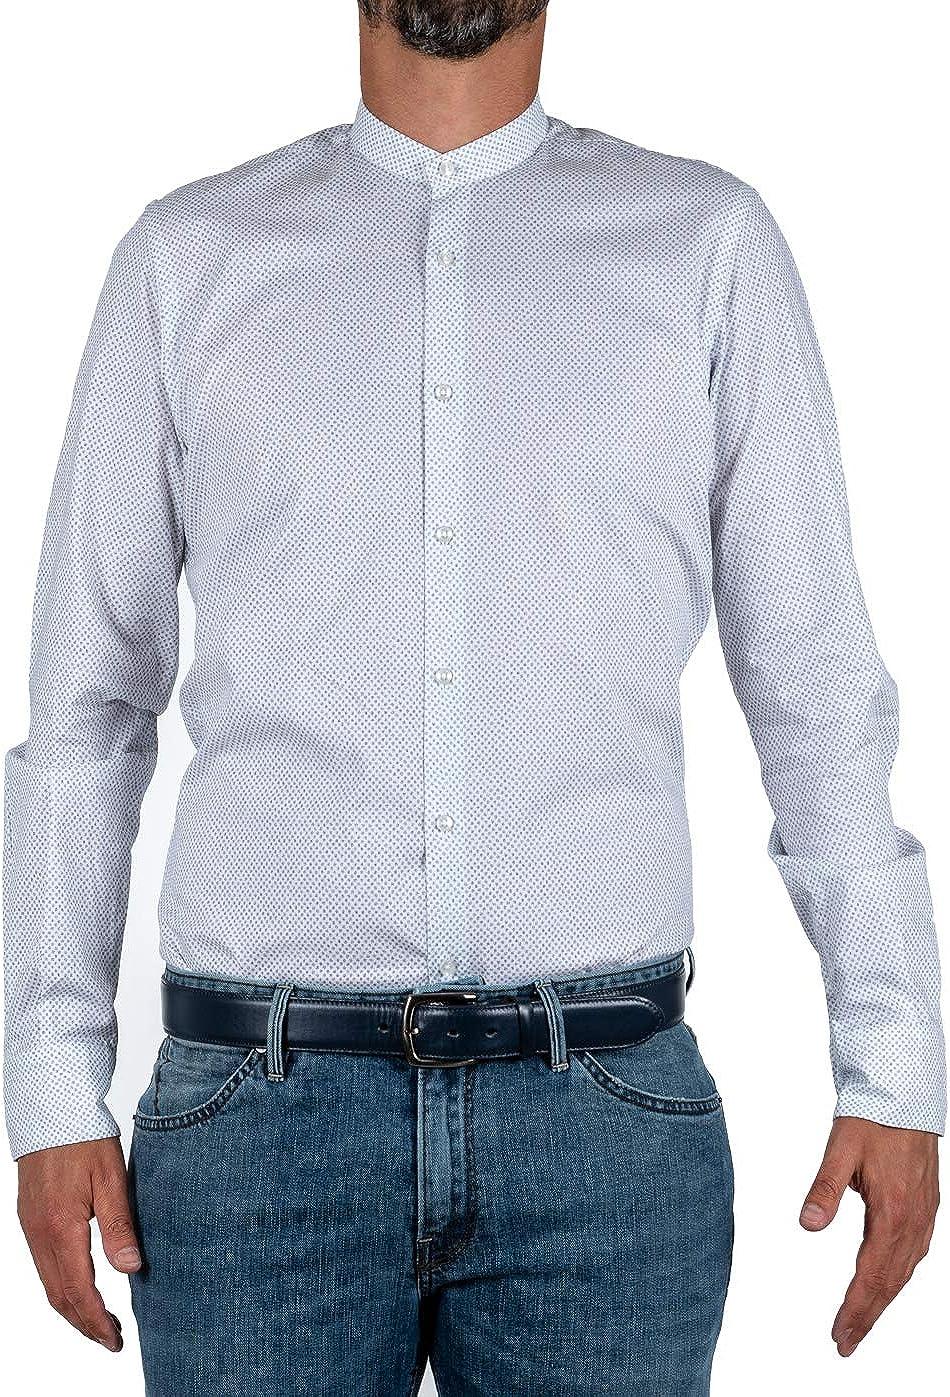 Marcus - Camisa de hombre de Delsiena, color blanco, coreana, fantasía floral Bianco 40 ES: Amazon.es: Ropa y accesorios